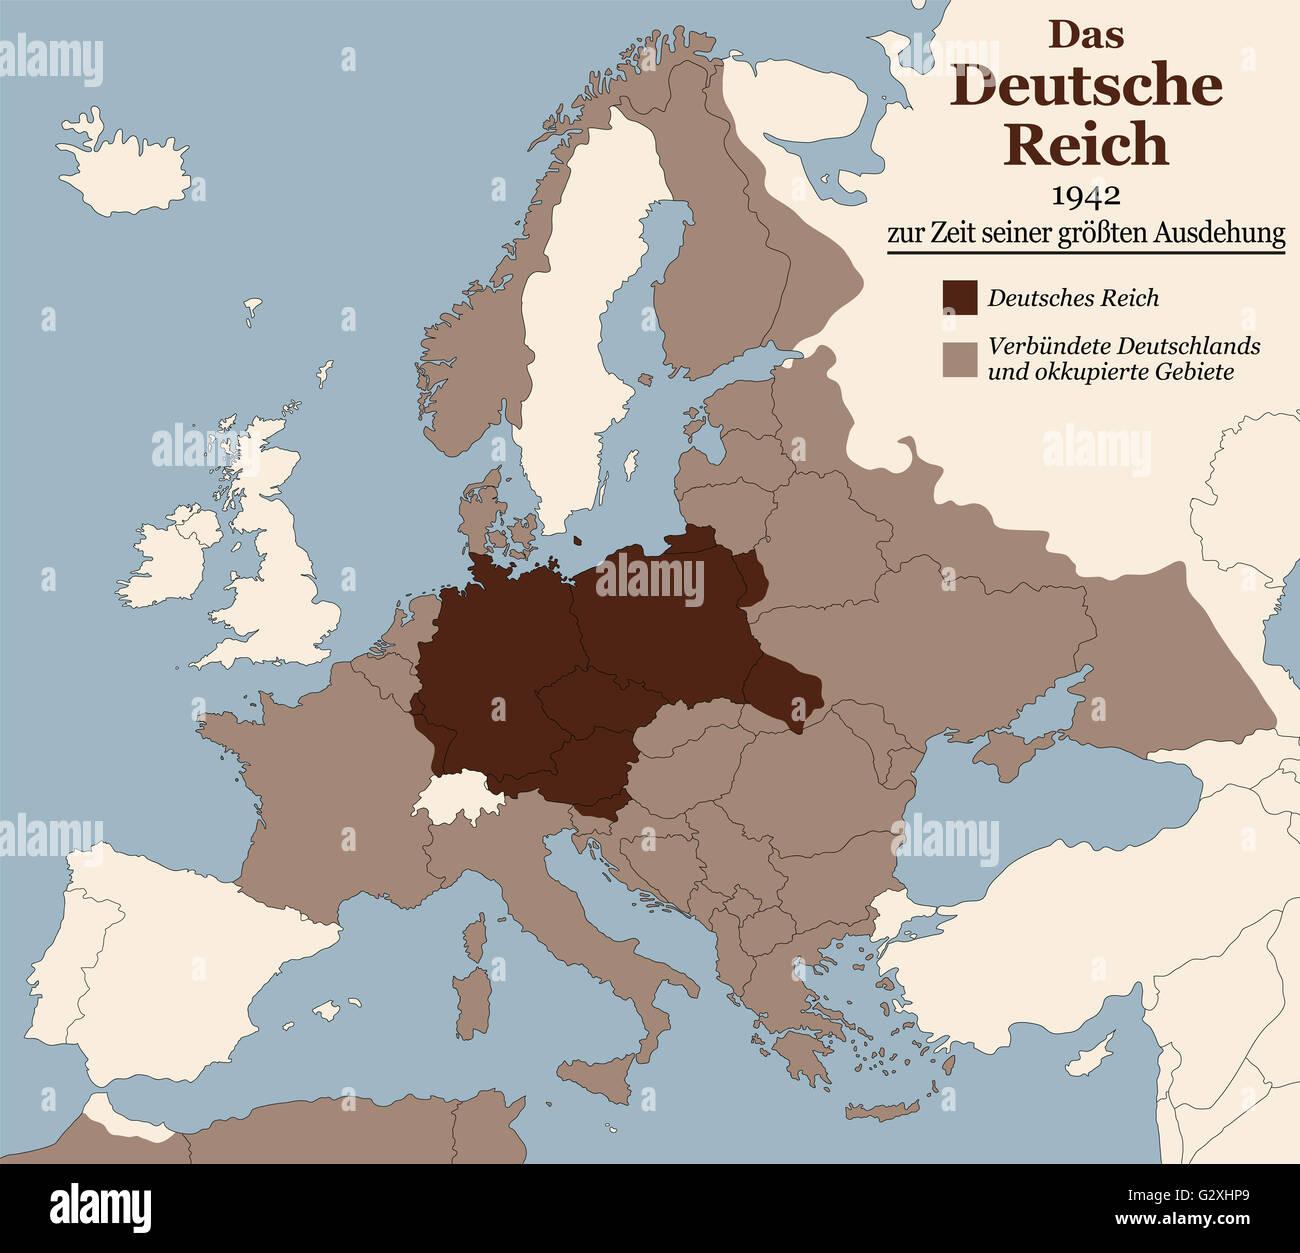 karte deutschland 1942 Dritten Reiches seine größte Ausdehnung im Jahre 1942. Karte von